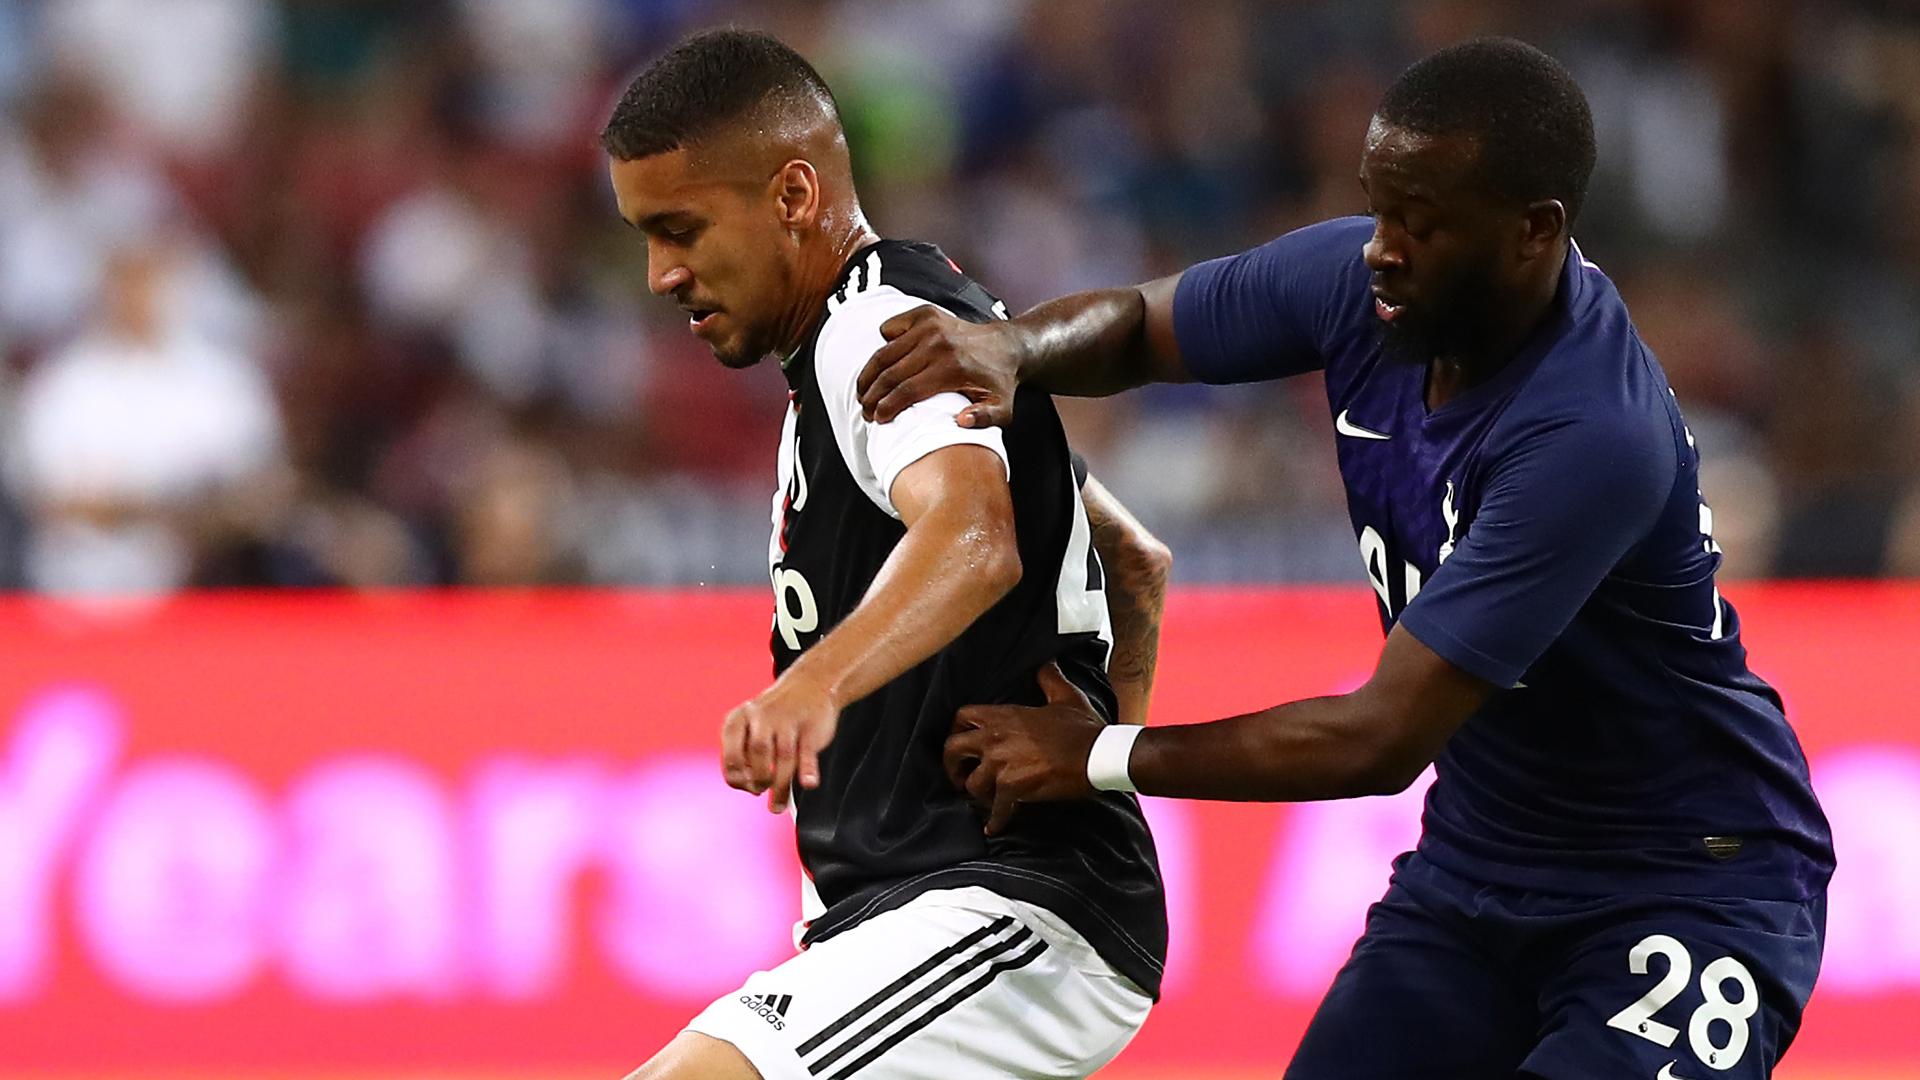 Juventus, infortunio per Higuain: a rischio per la gara con la Roma